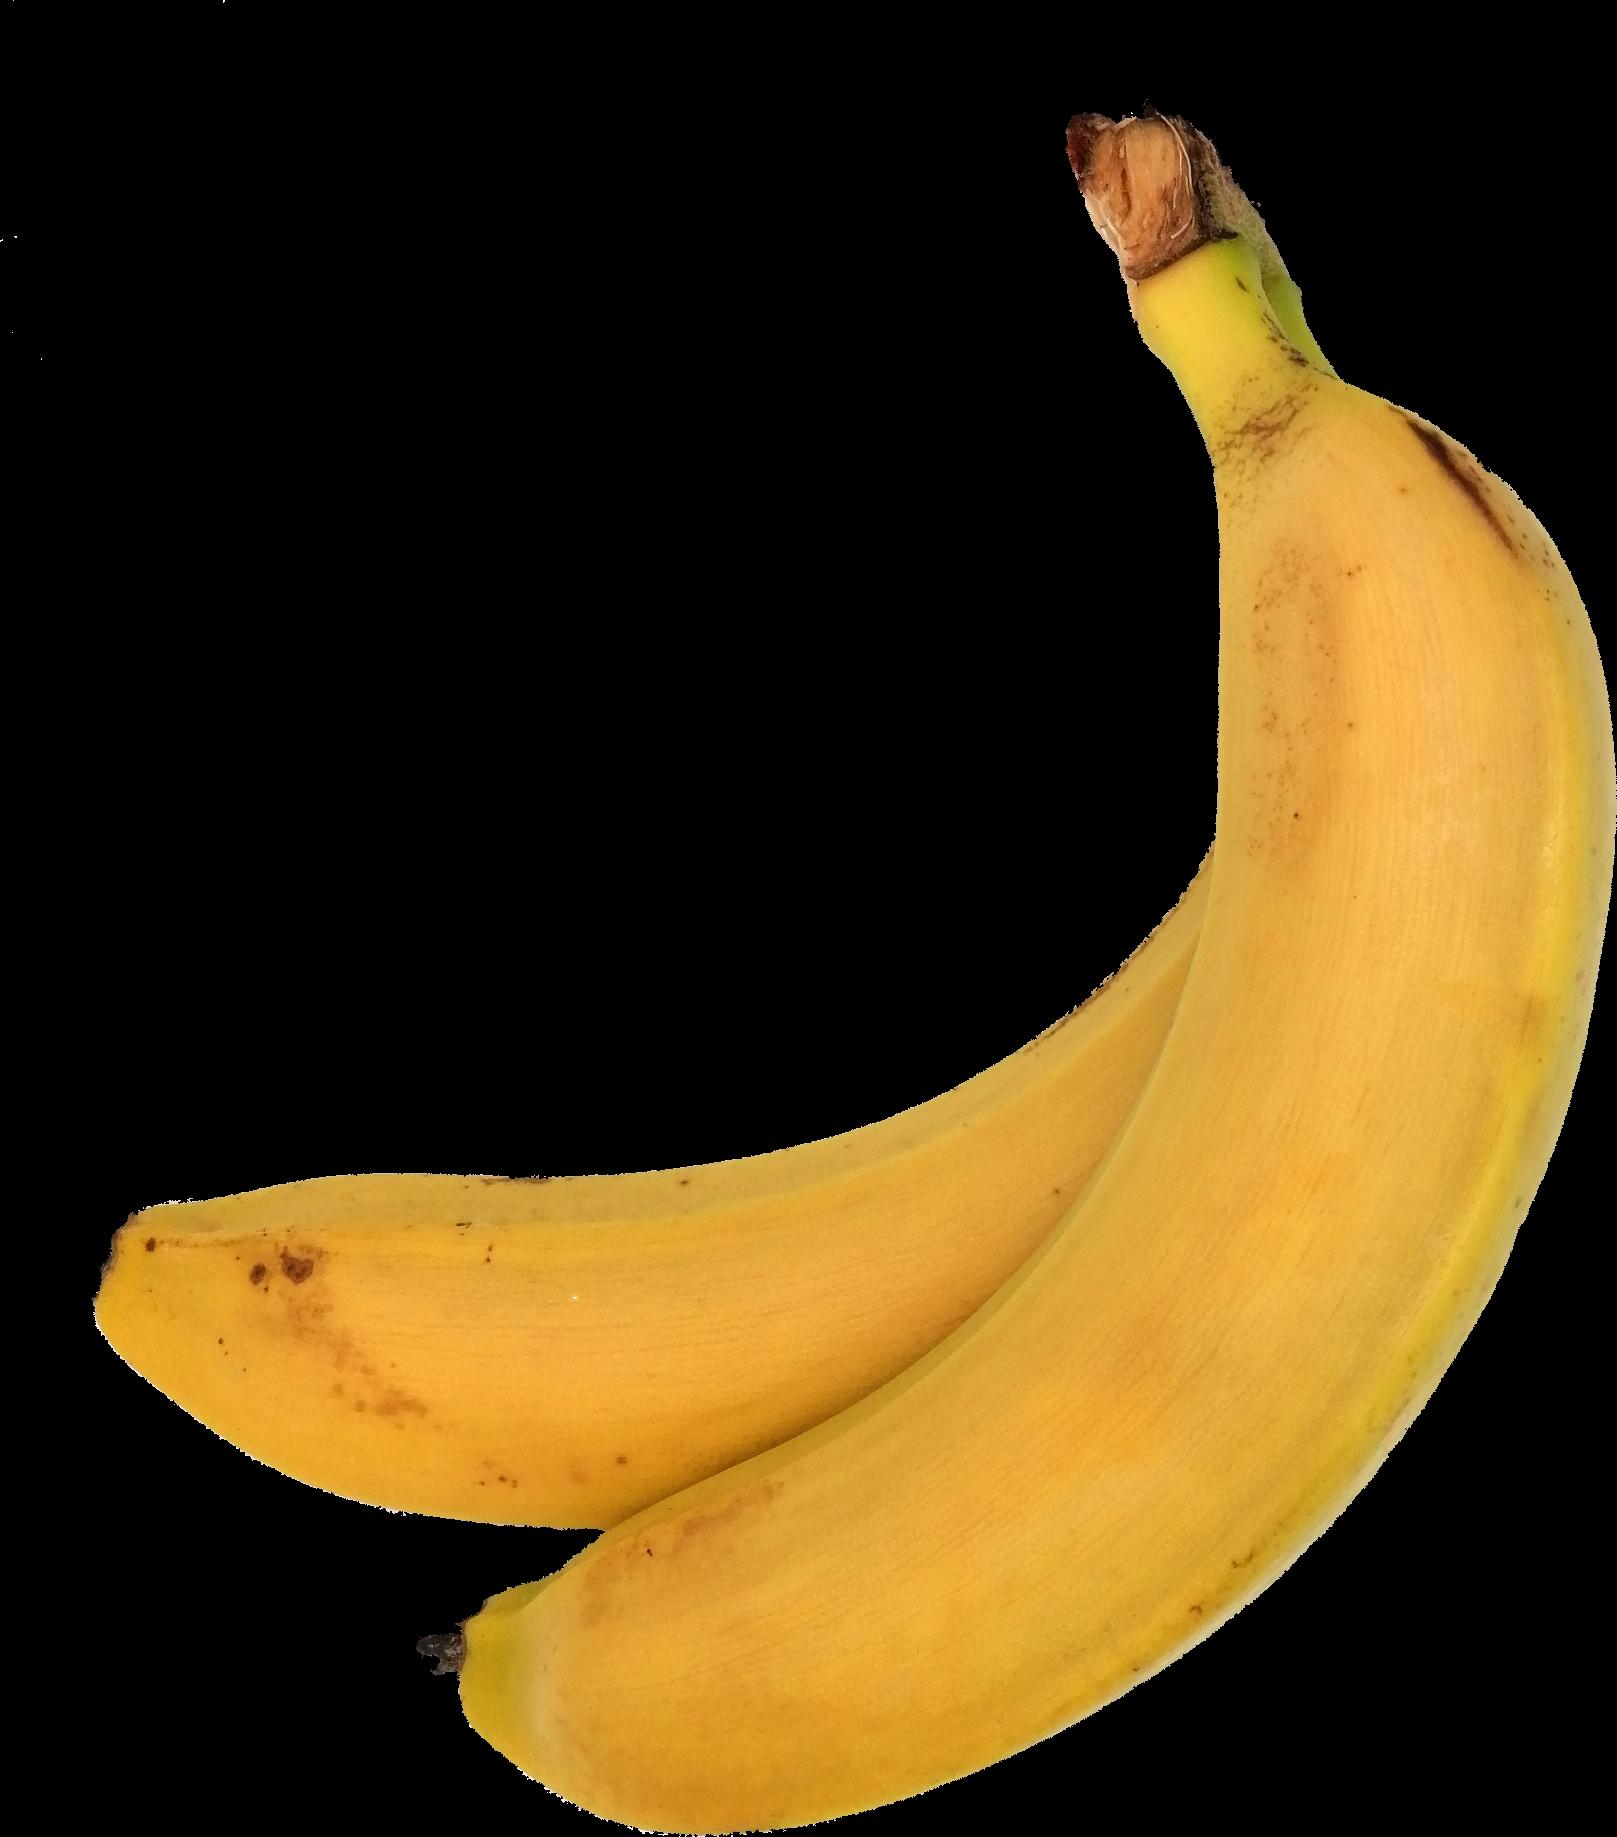 banana-6.png